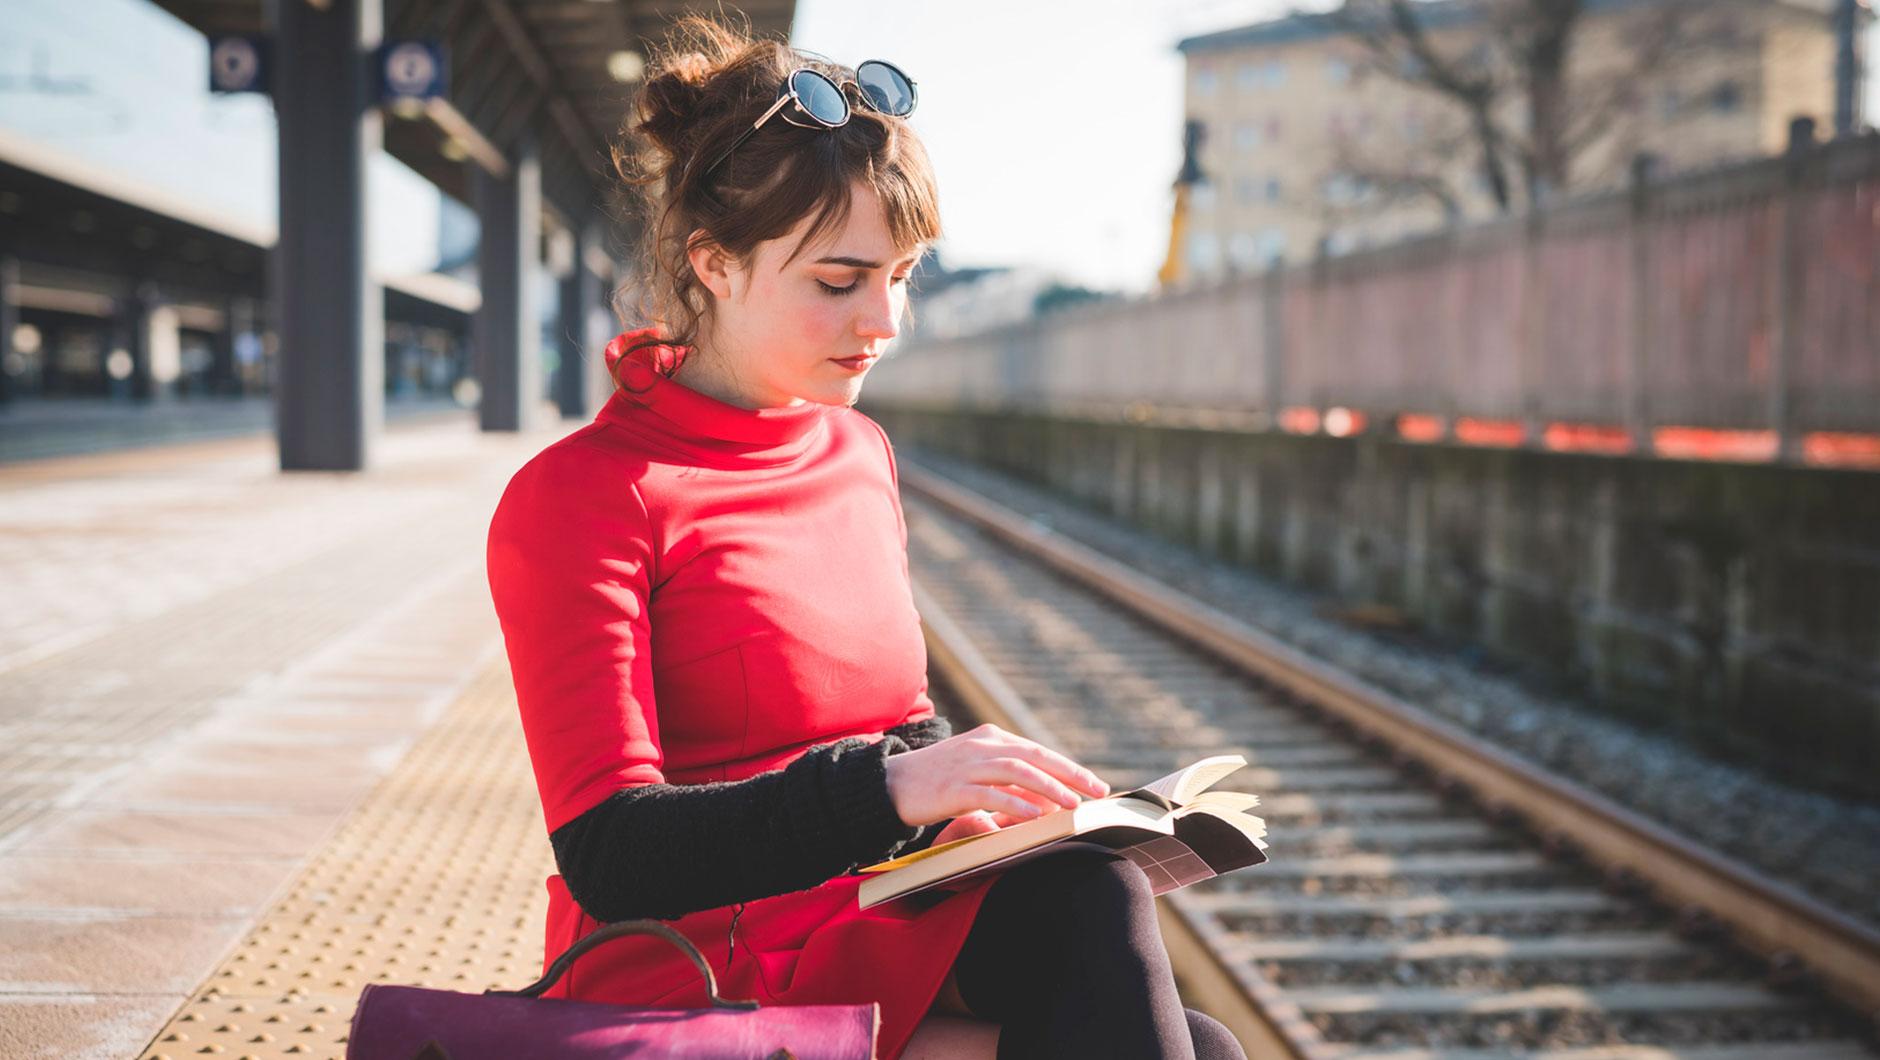 Почитать книгу, к примеру. Не забывая о безопасности, конечно